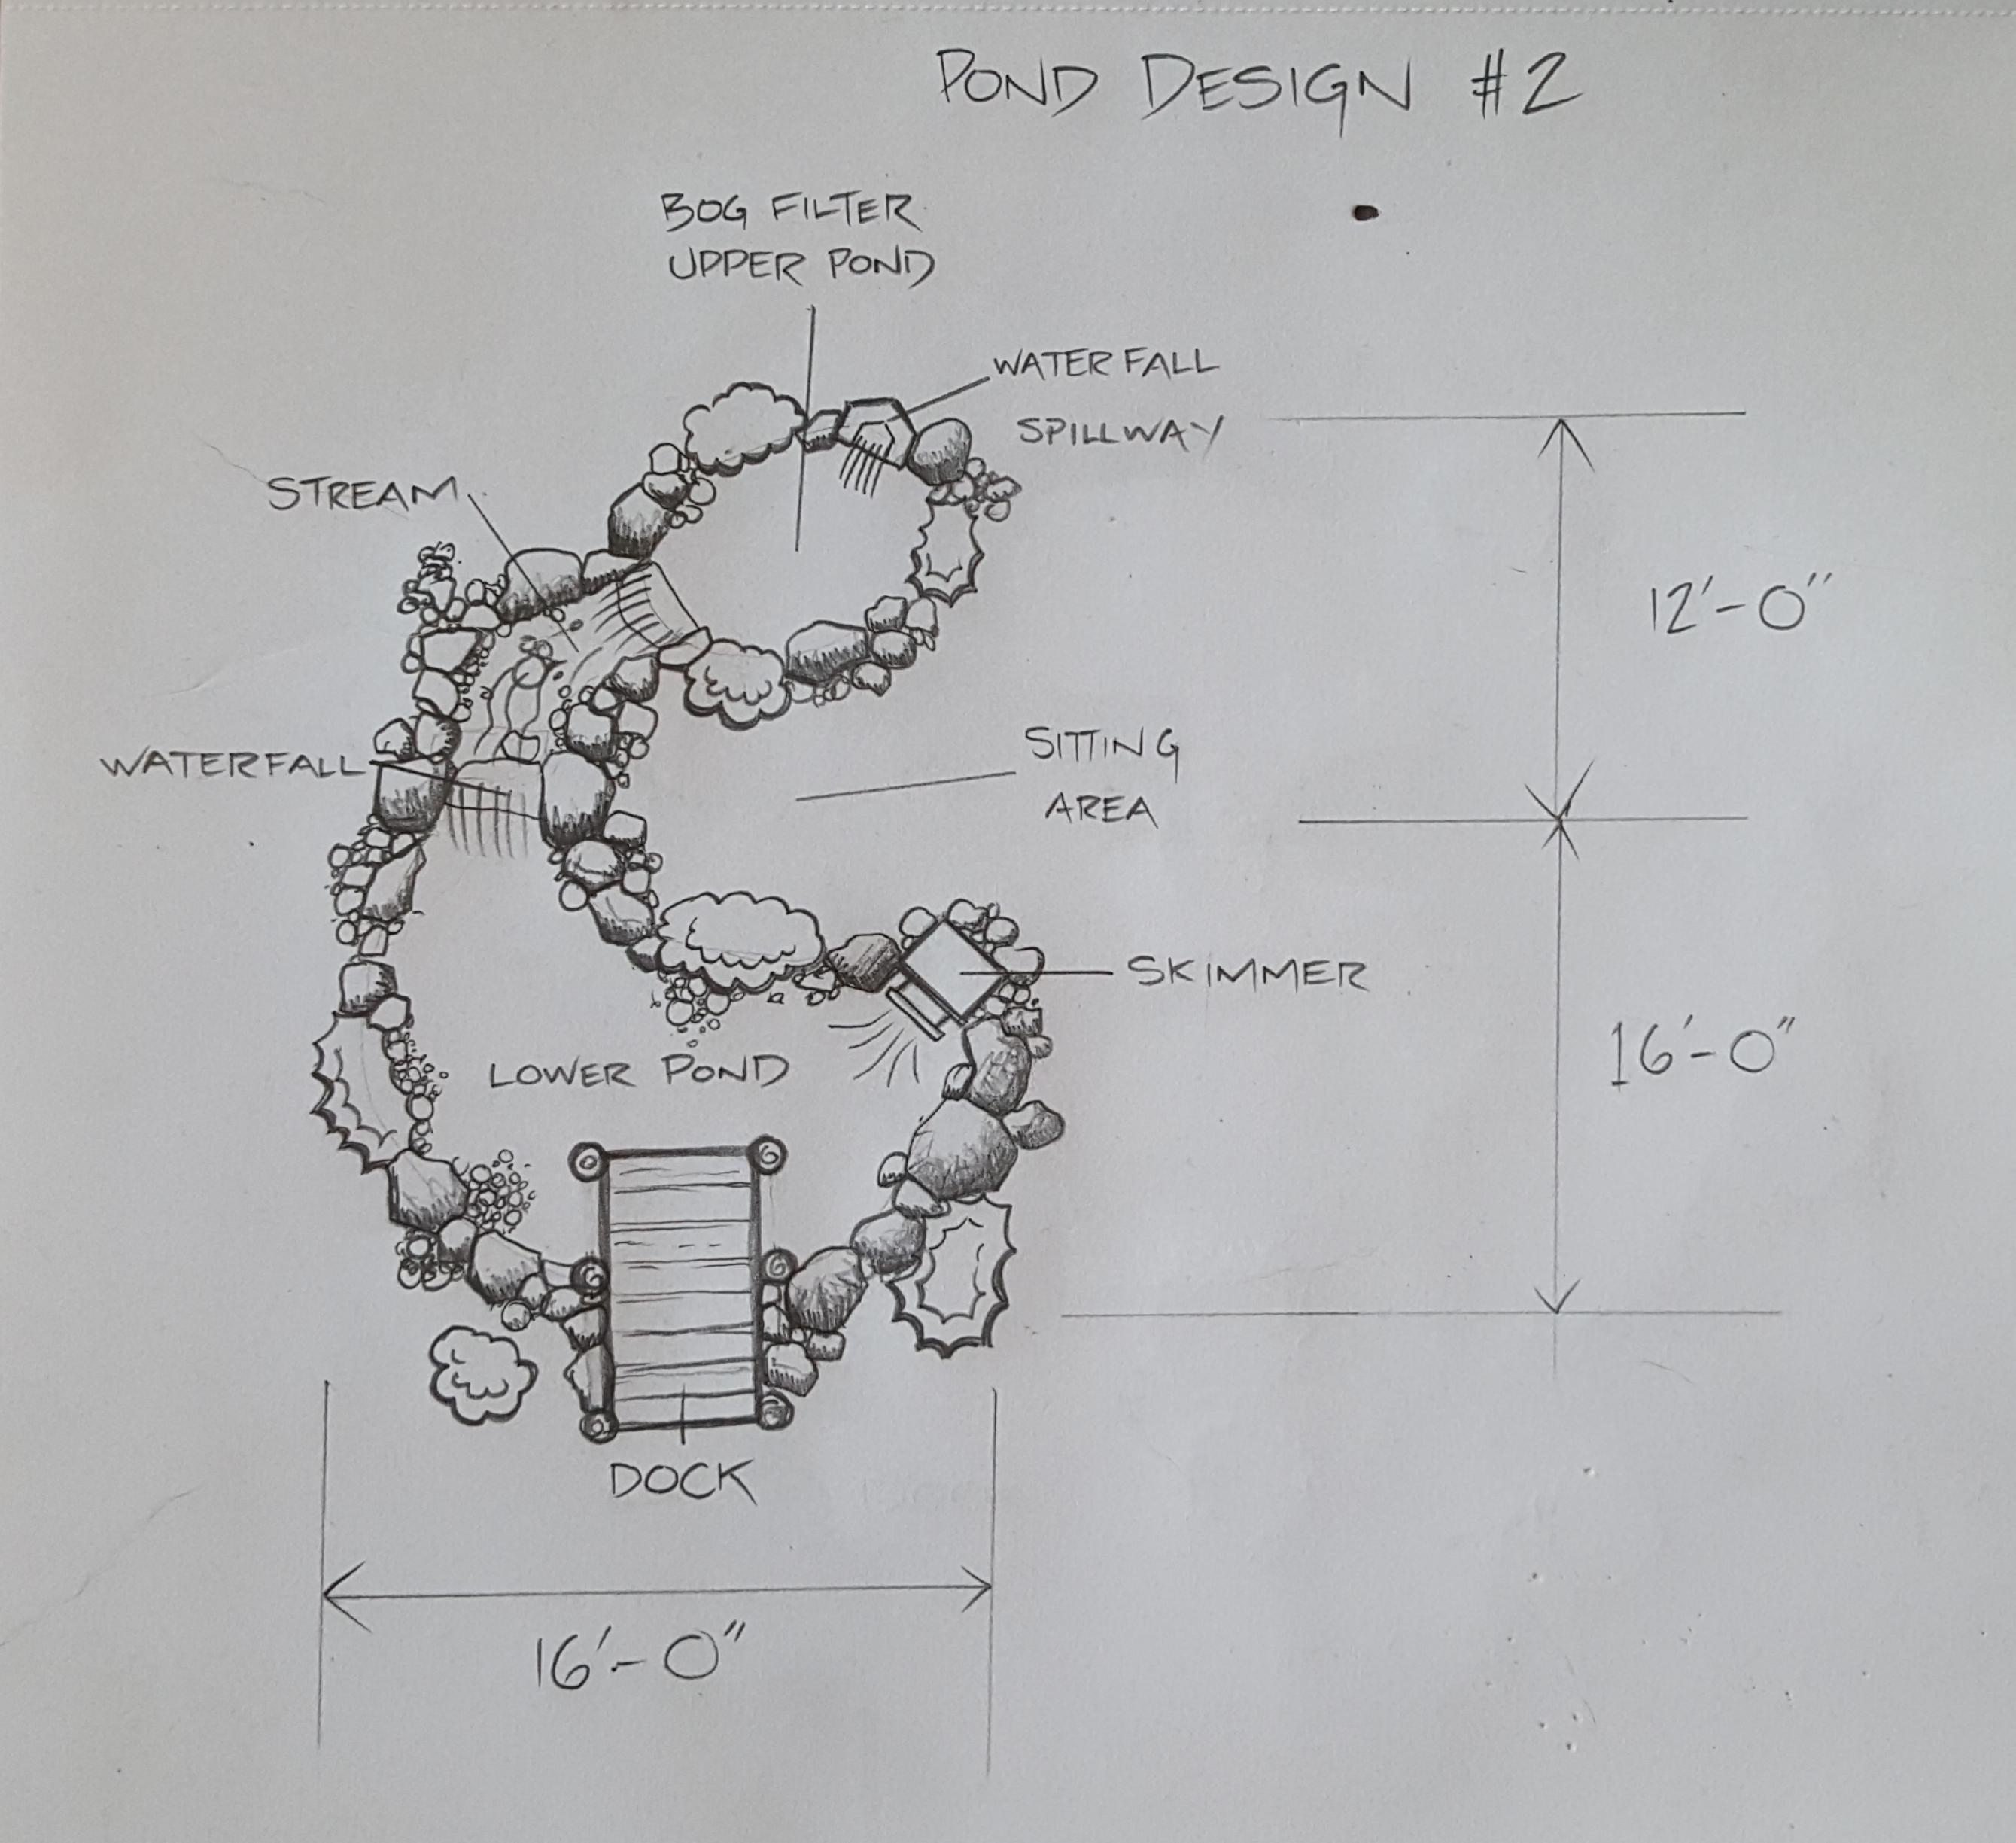 Swim Pond Design #2